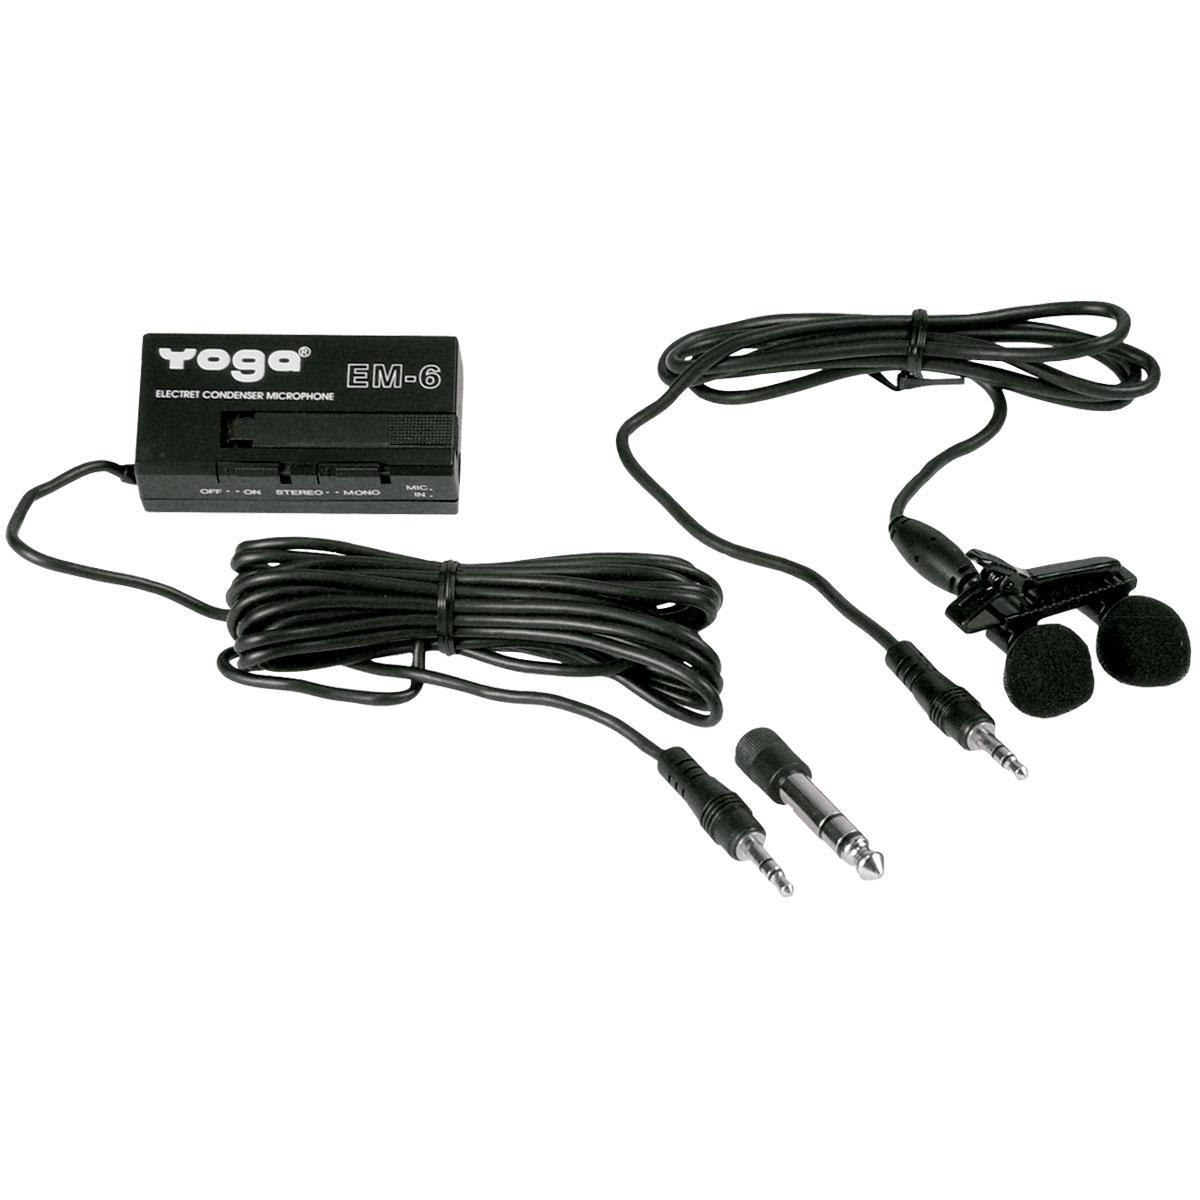 Microfone c/ Fio Lapela Duplo - EM 6 Yoga